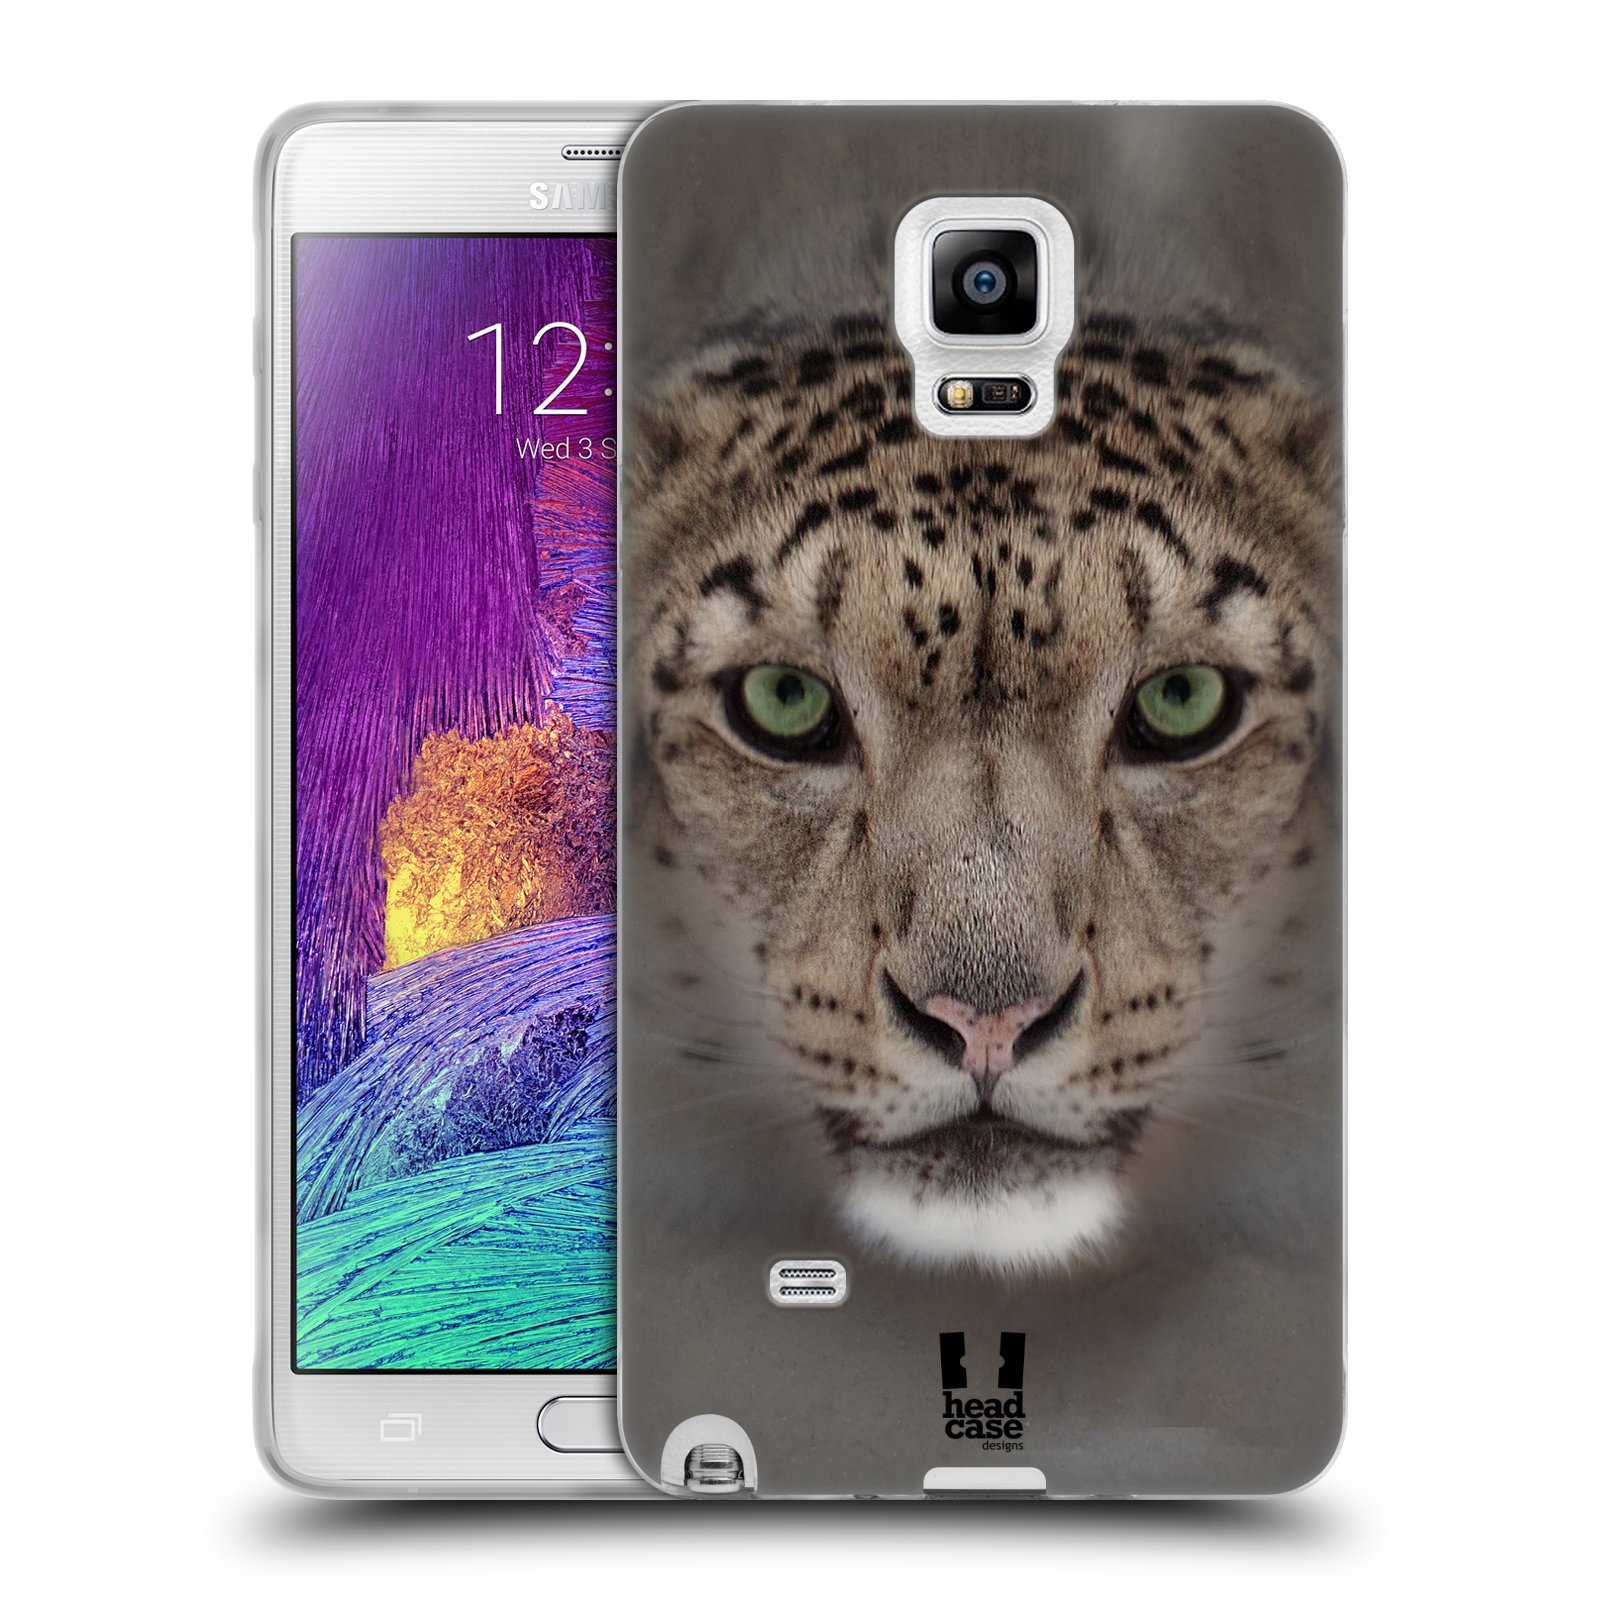 HEAD CASE silikonový obal na mobil Samsung Galaxy Note 4 (N910) vzor Zvířecí tváře 2 sněžný leopard